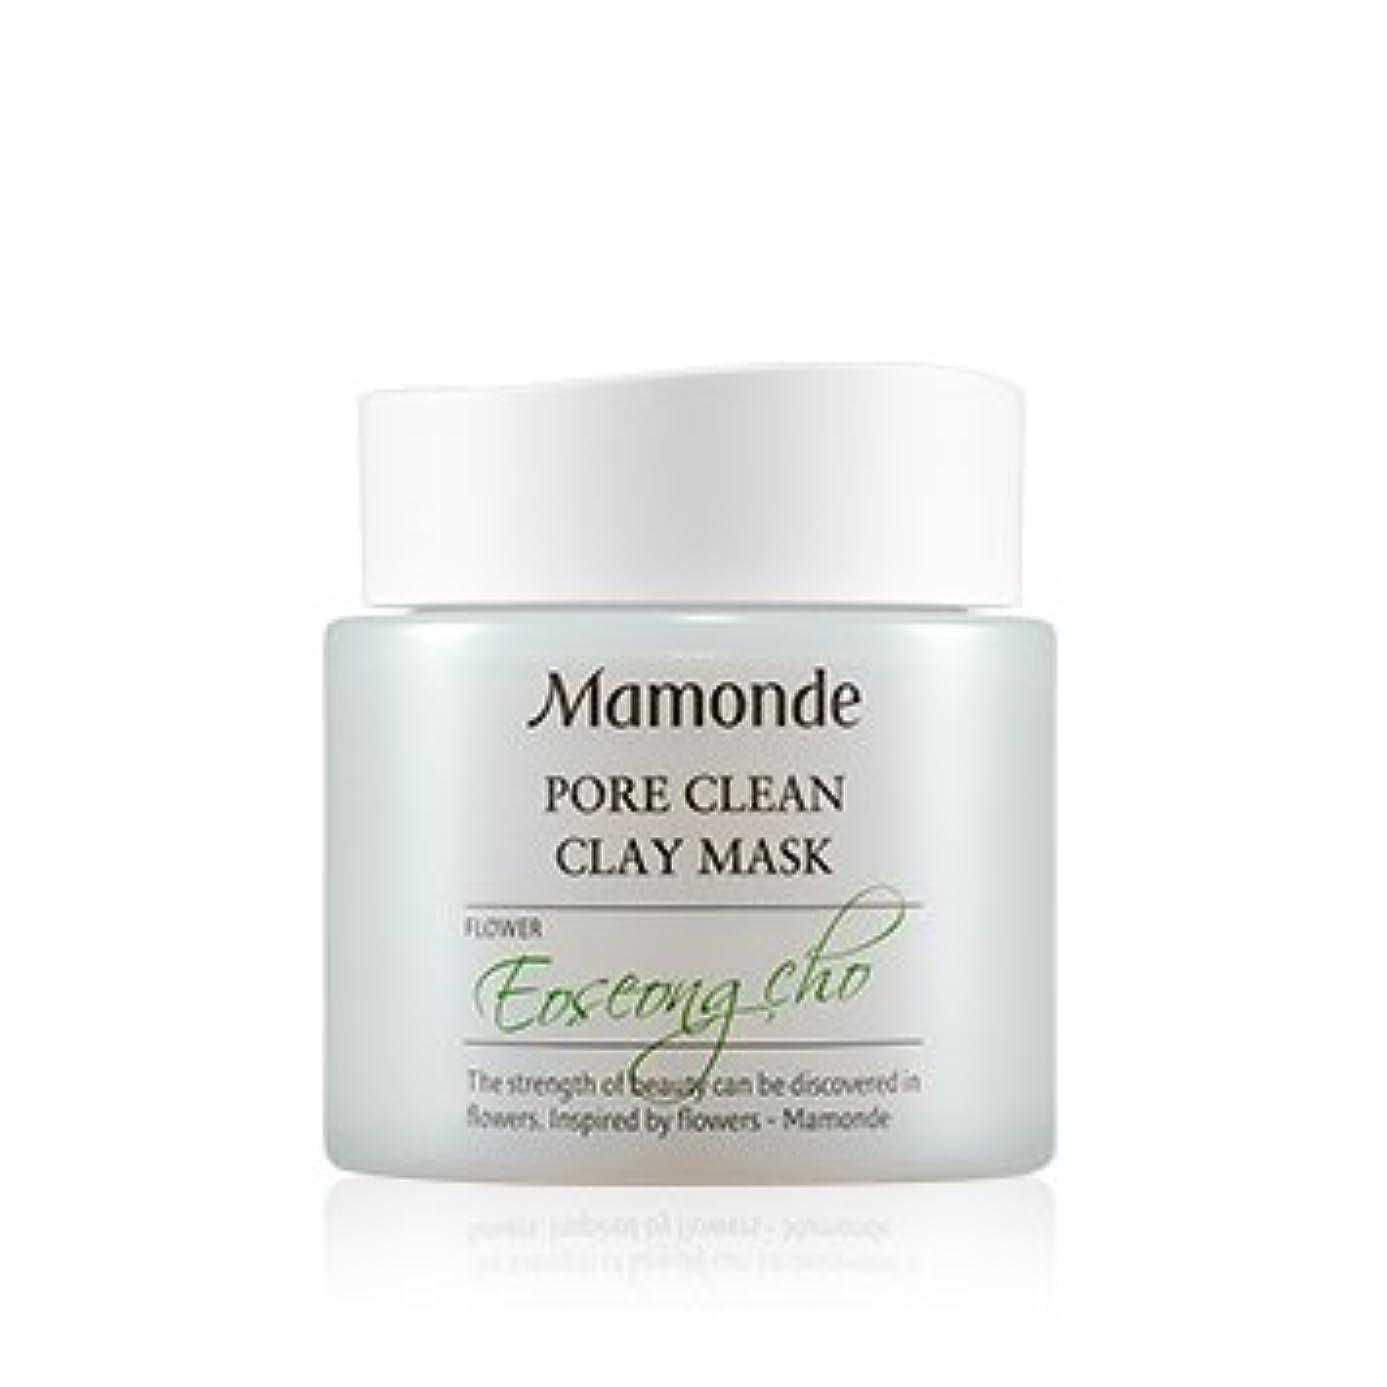 羨望反抗中止します[New] Mamonde Pore Clean Clay Mask 100ml/マモンド ポア クリーン クレイ マスク 100ml [並行輸入品]